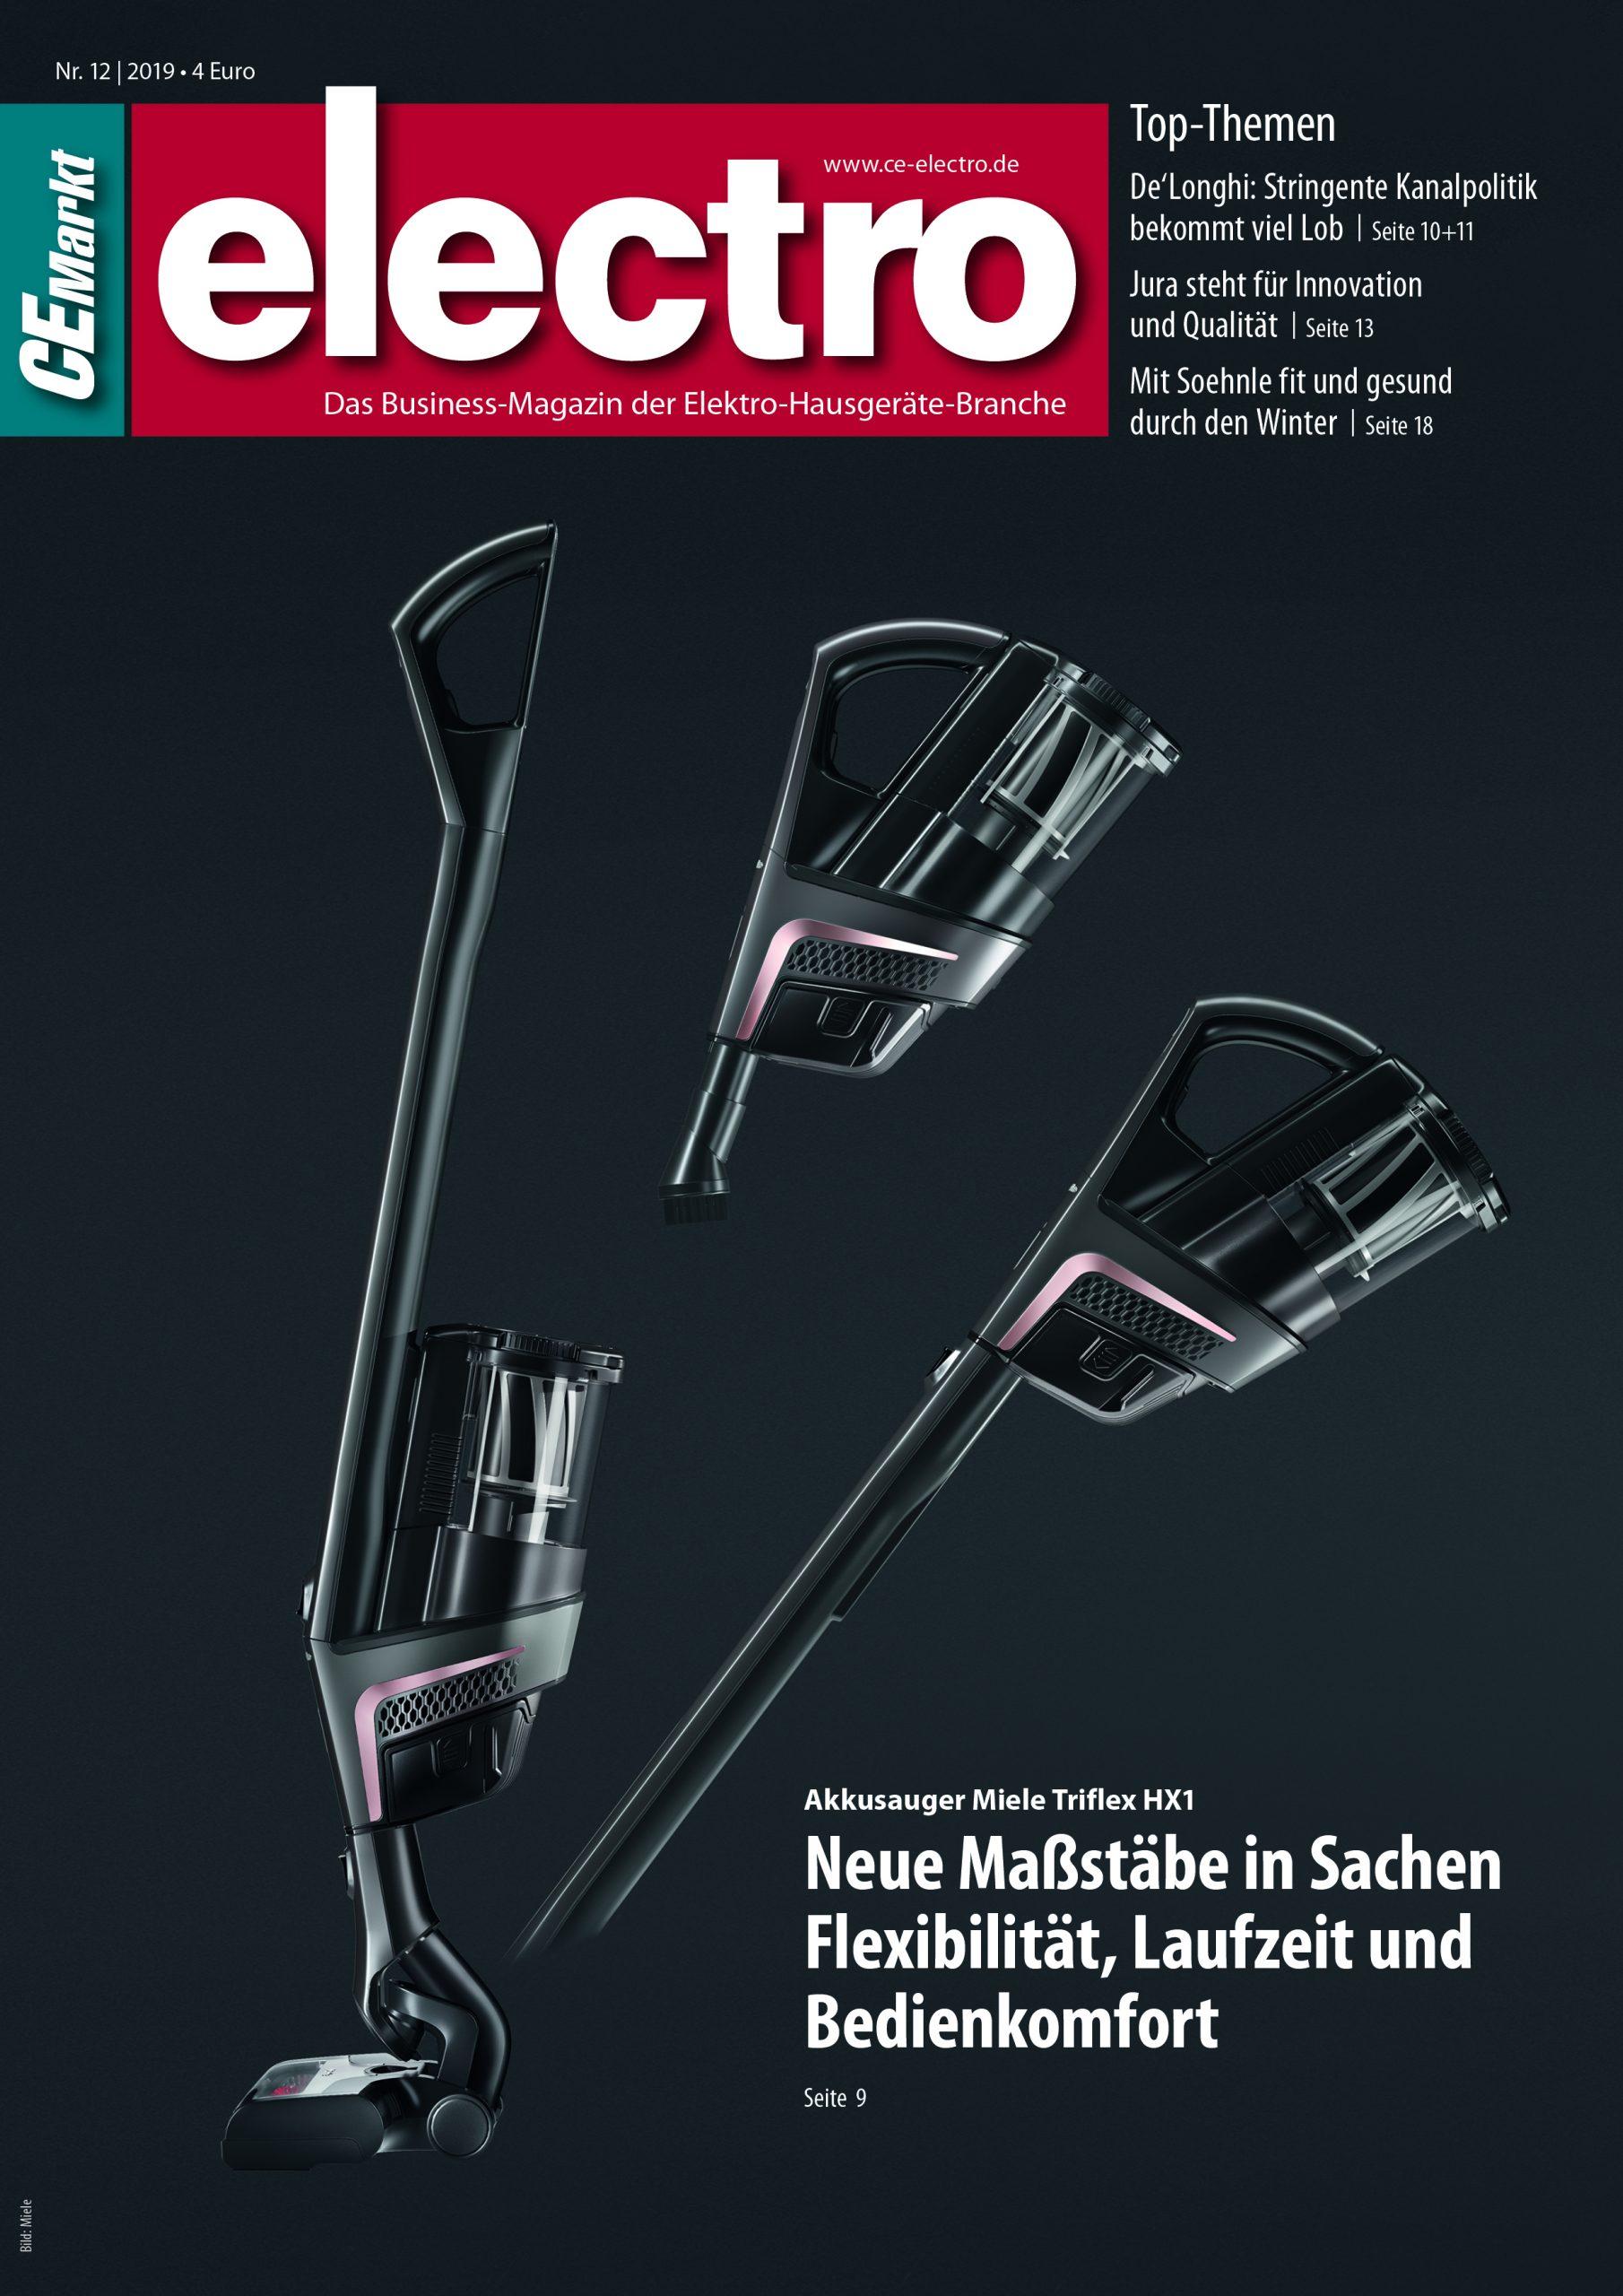 CE-Markt electro Titelseite des Hefts 12/2019.